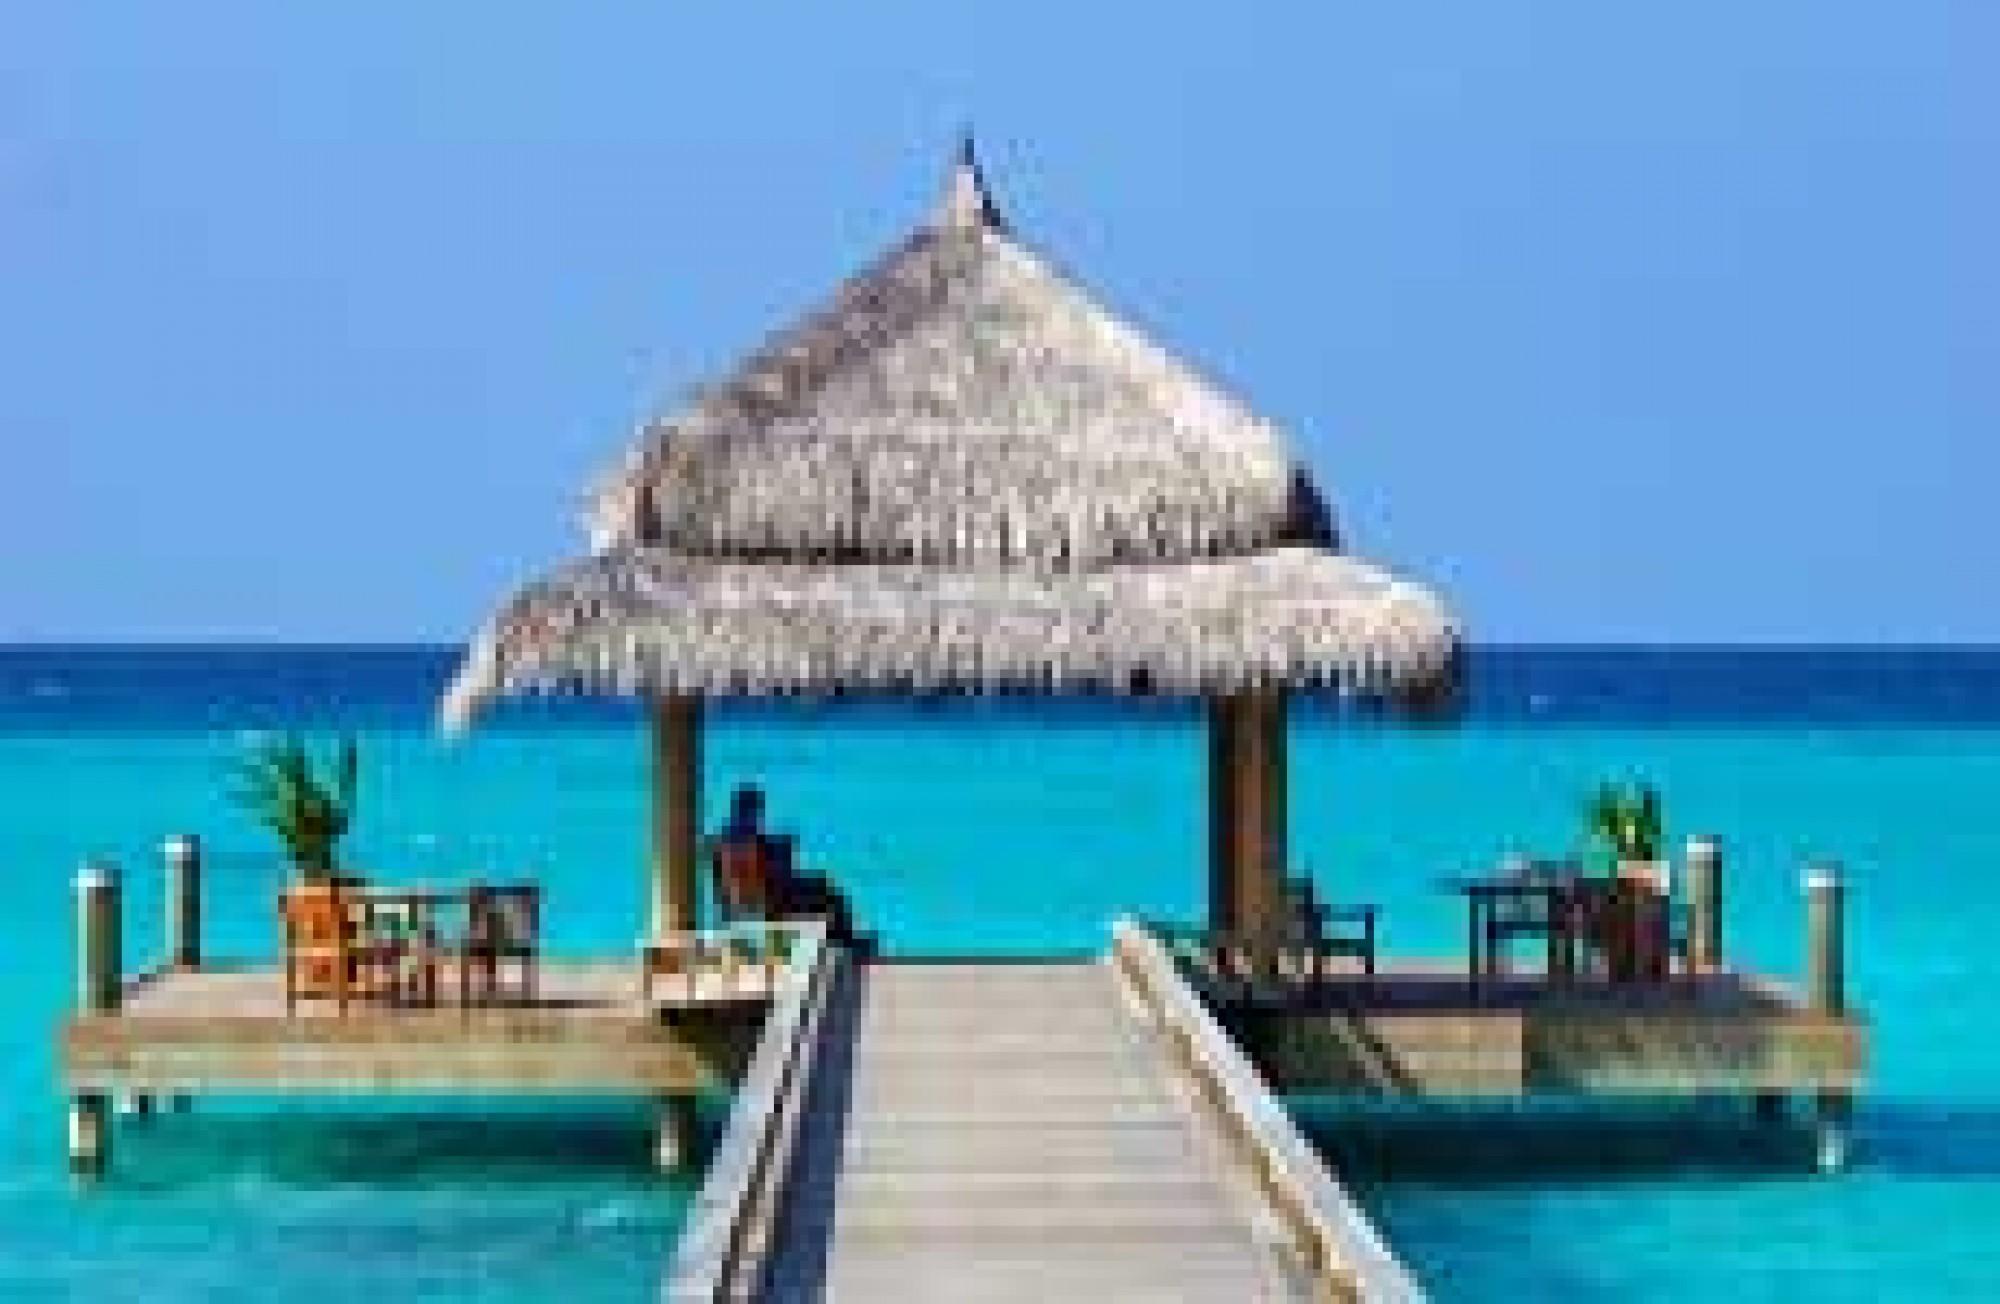 Aeroporto Male Maldive : Vacanza maldive biyadoo island resort viaggi più